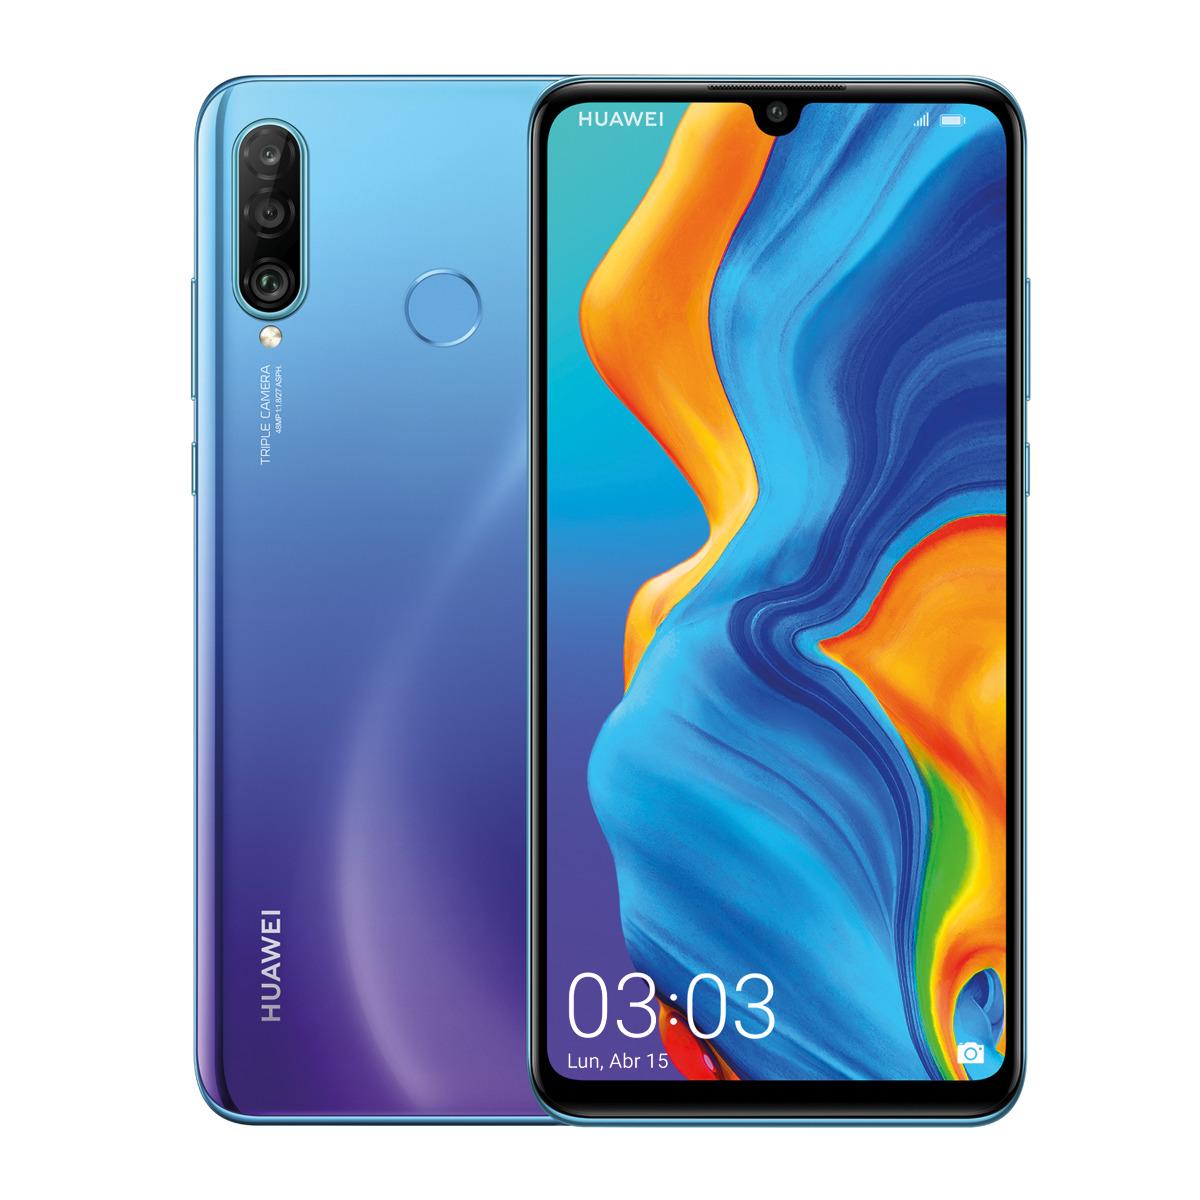 El Huawei P30 Lite es uno de los móviles más vendidos de España, y con su nuevo precio sin duda repetirá en el ranking de 2019. Posee una pantalla con notch, 4 GB de RAM, 128 GB de almacenamiento y cámara trasera de triple sensor, así como NFC para pagos electrónicos.